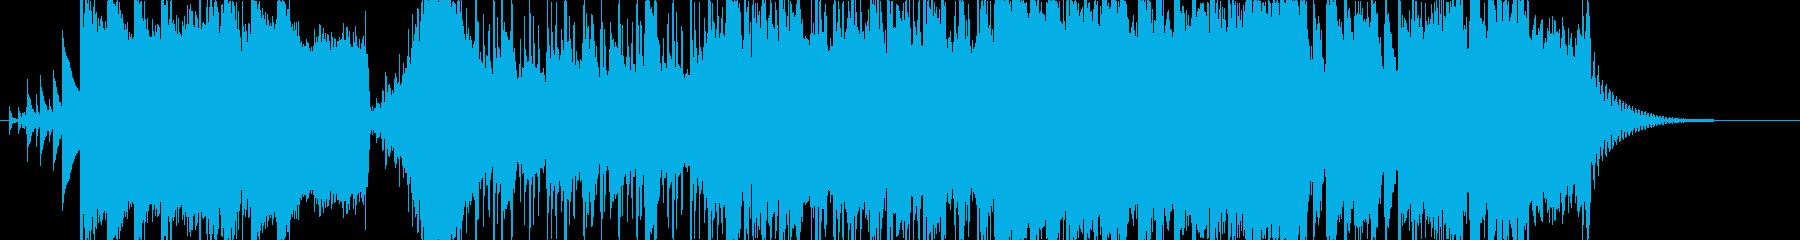 マイナー調のロックな出囃子の再生済みの波形